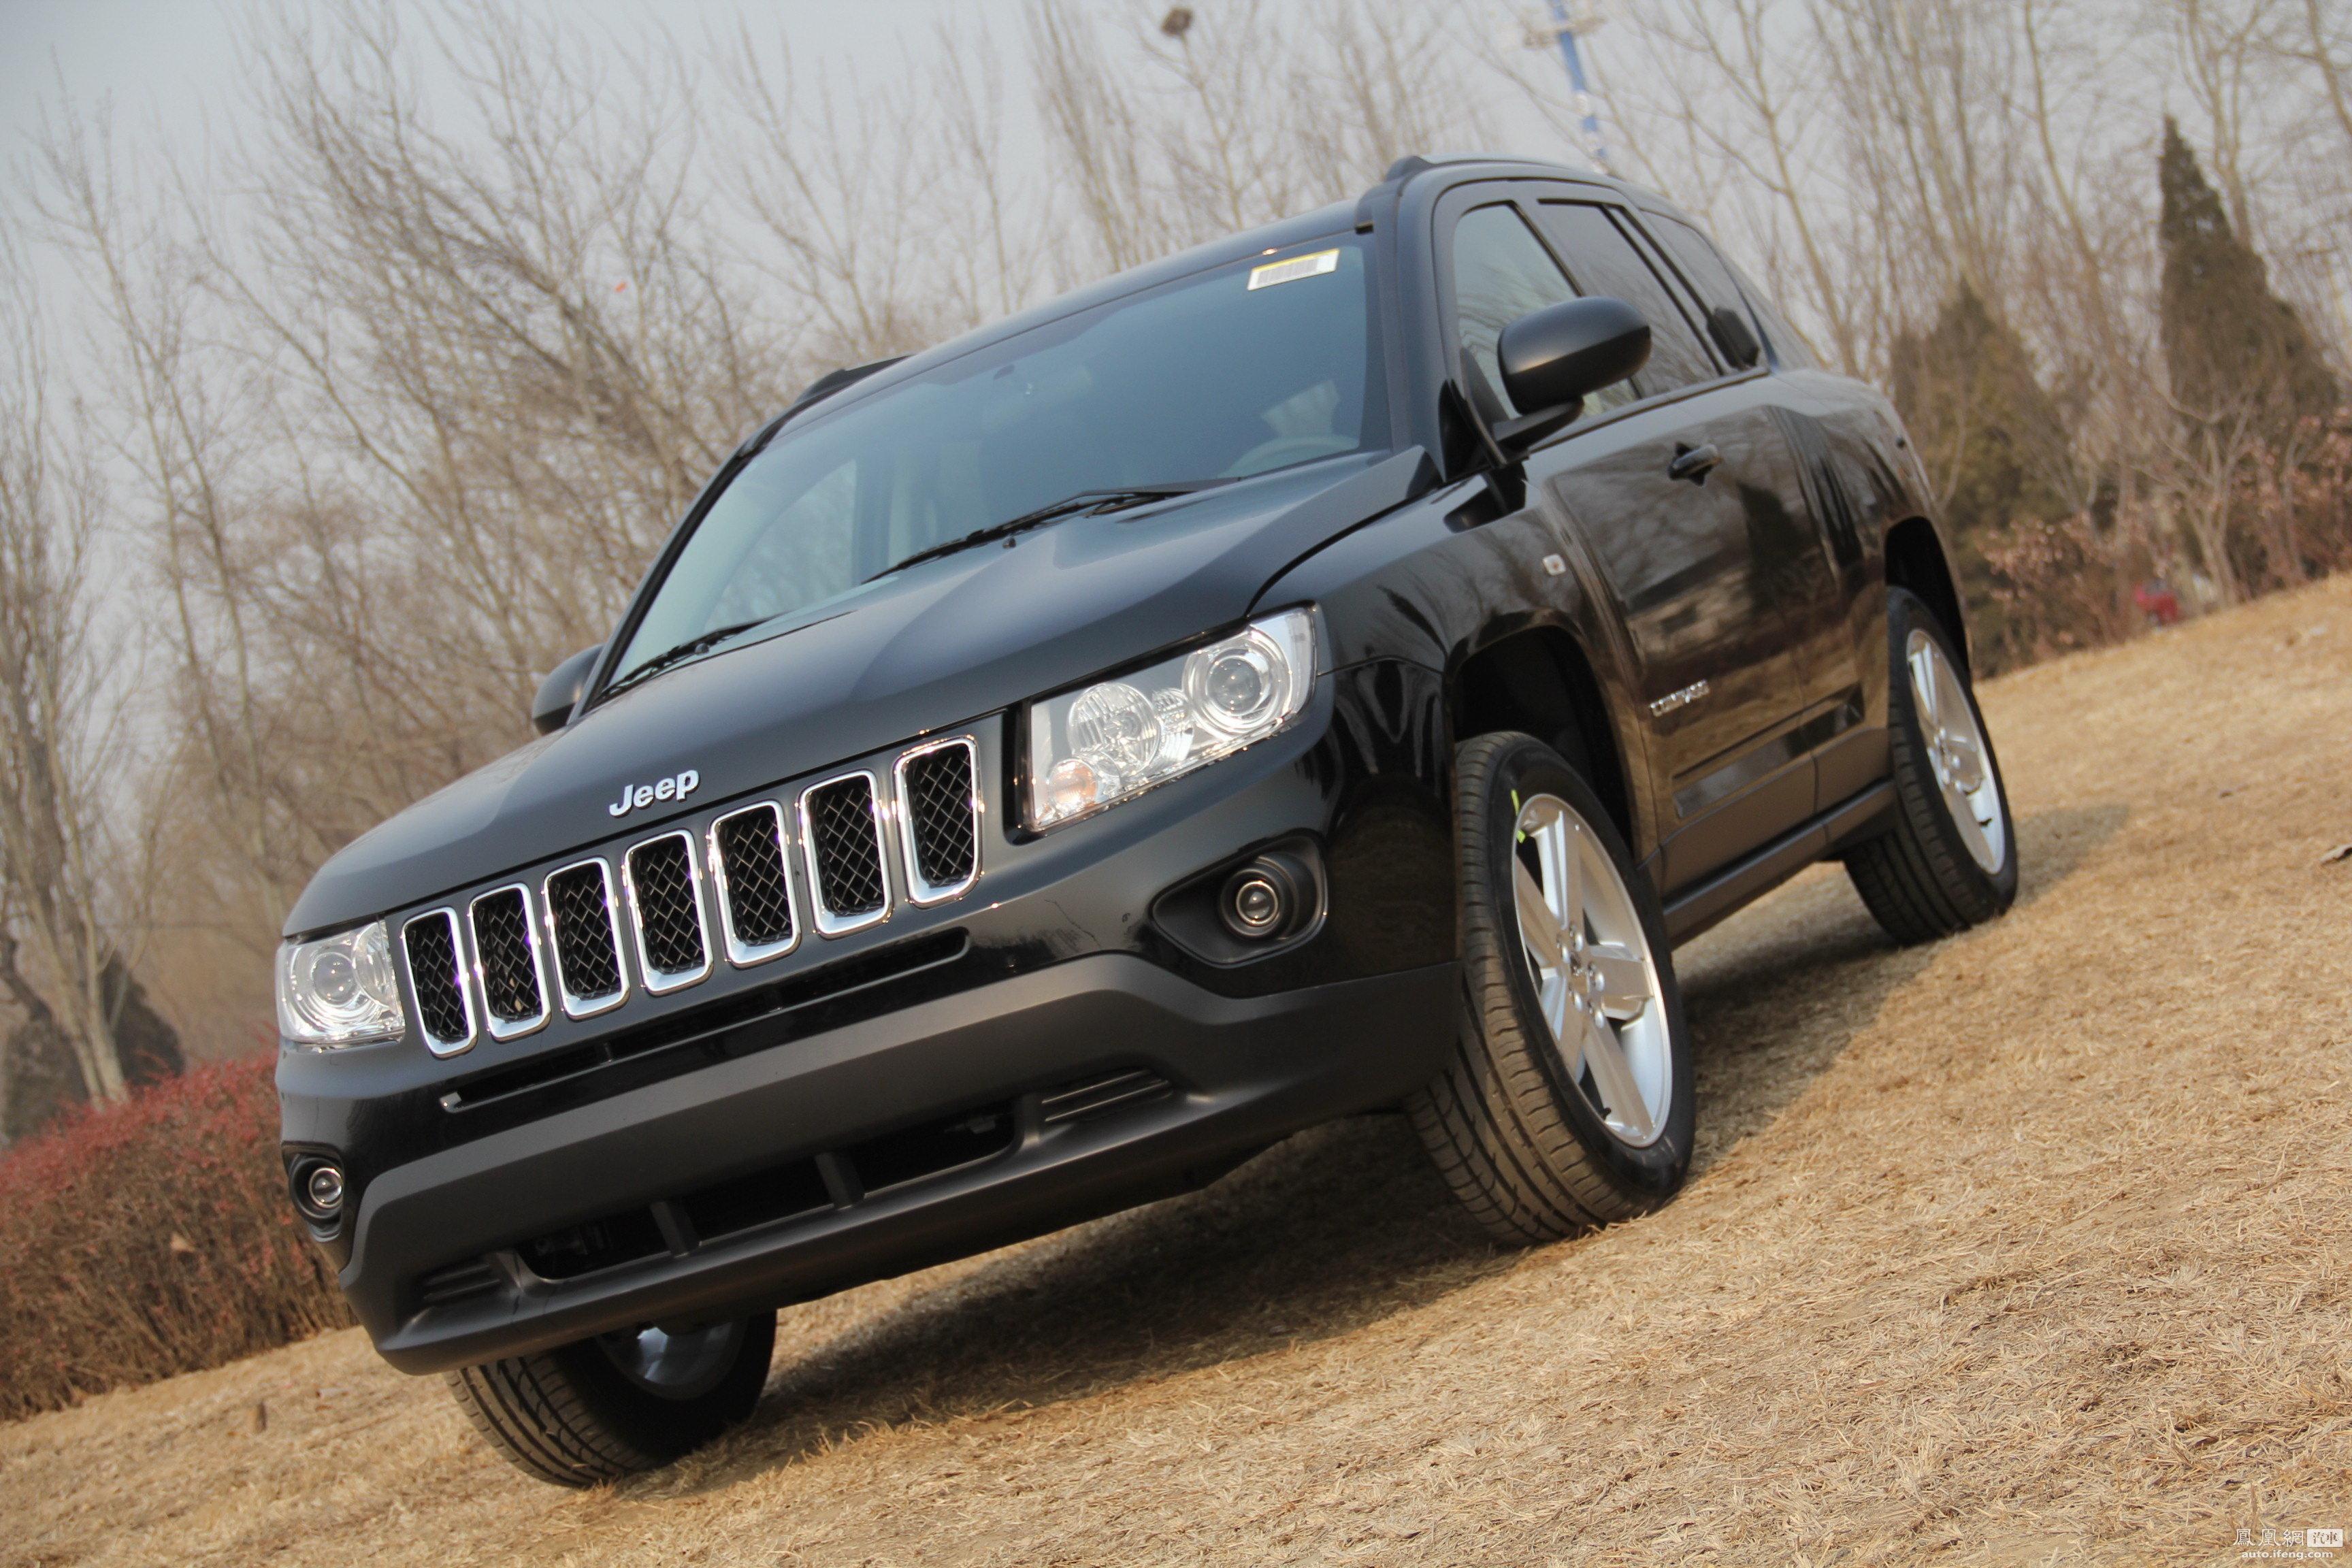 jeep指南者2012款有没有解决三元催化问题啊